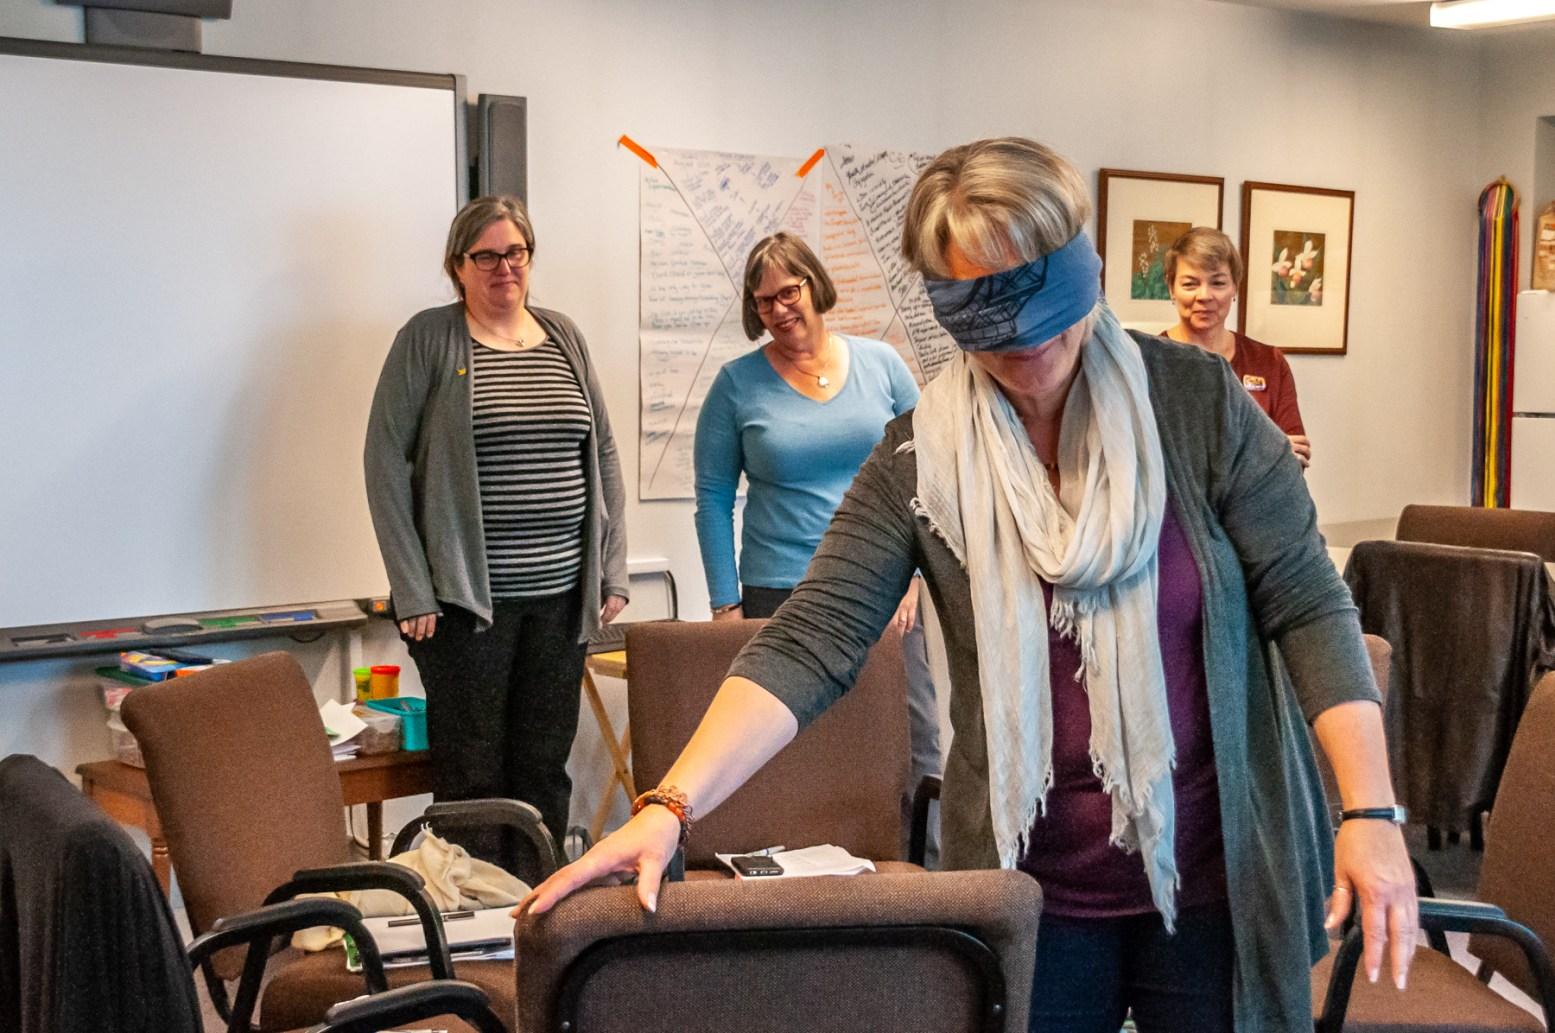 Marion navigates blindfolded.